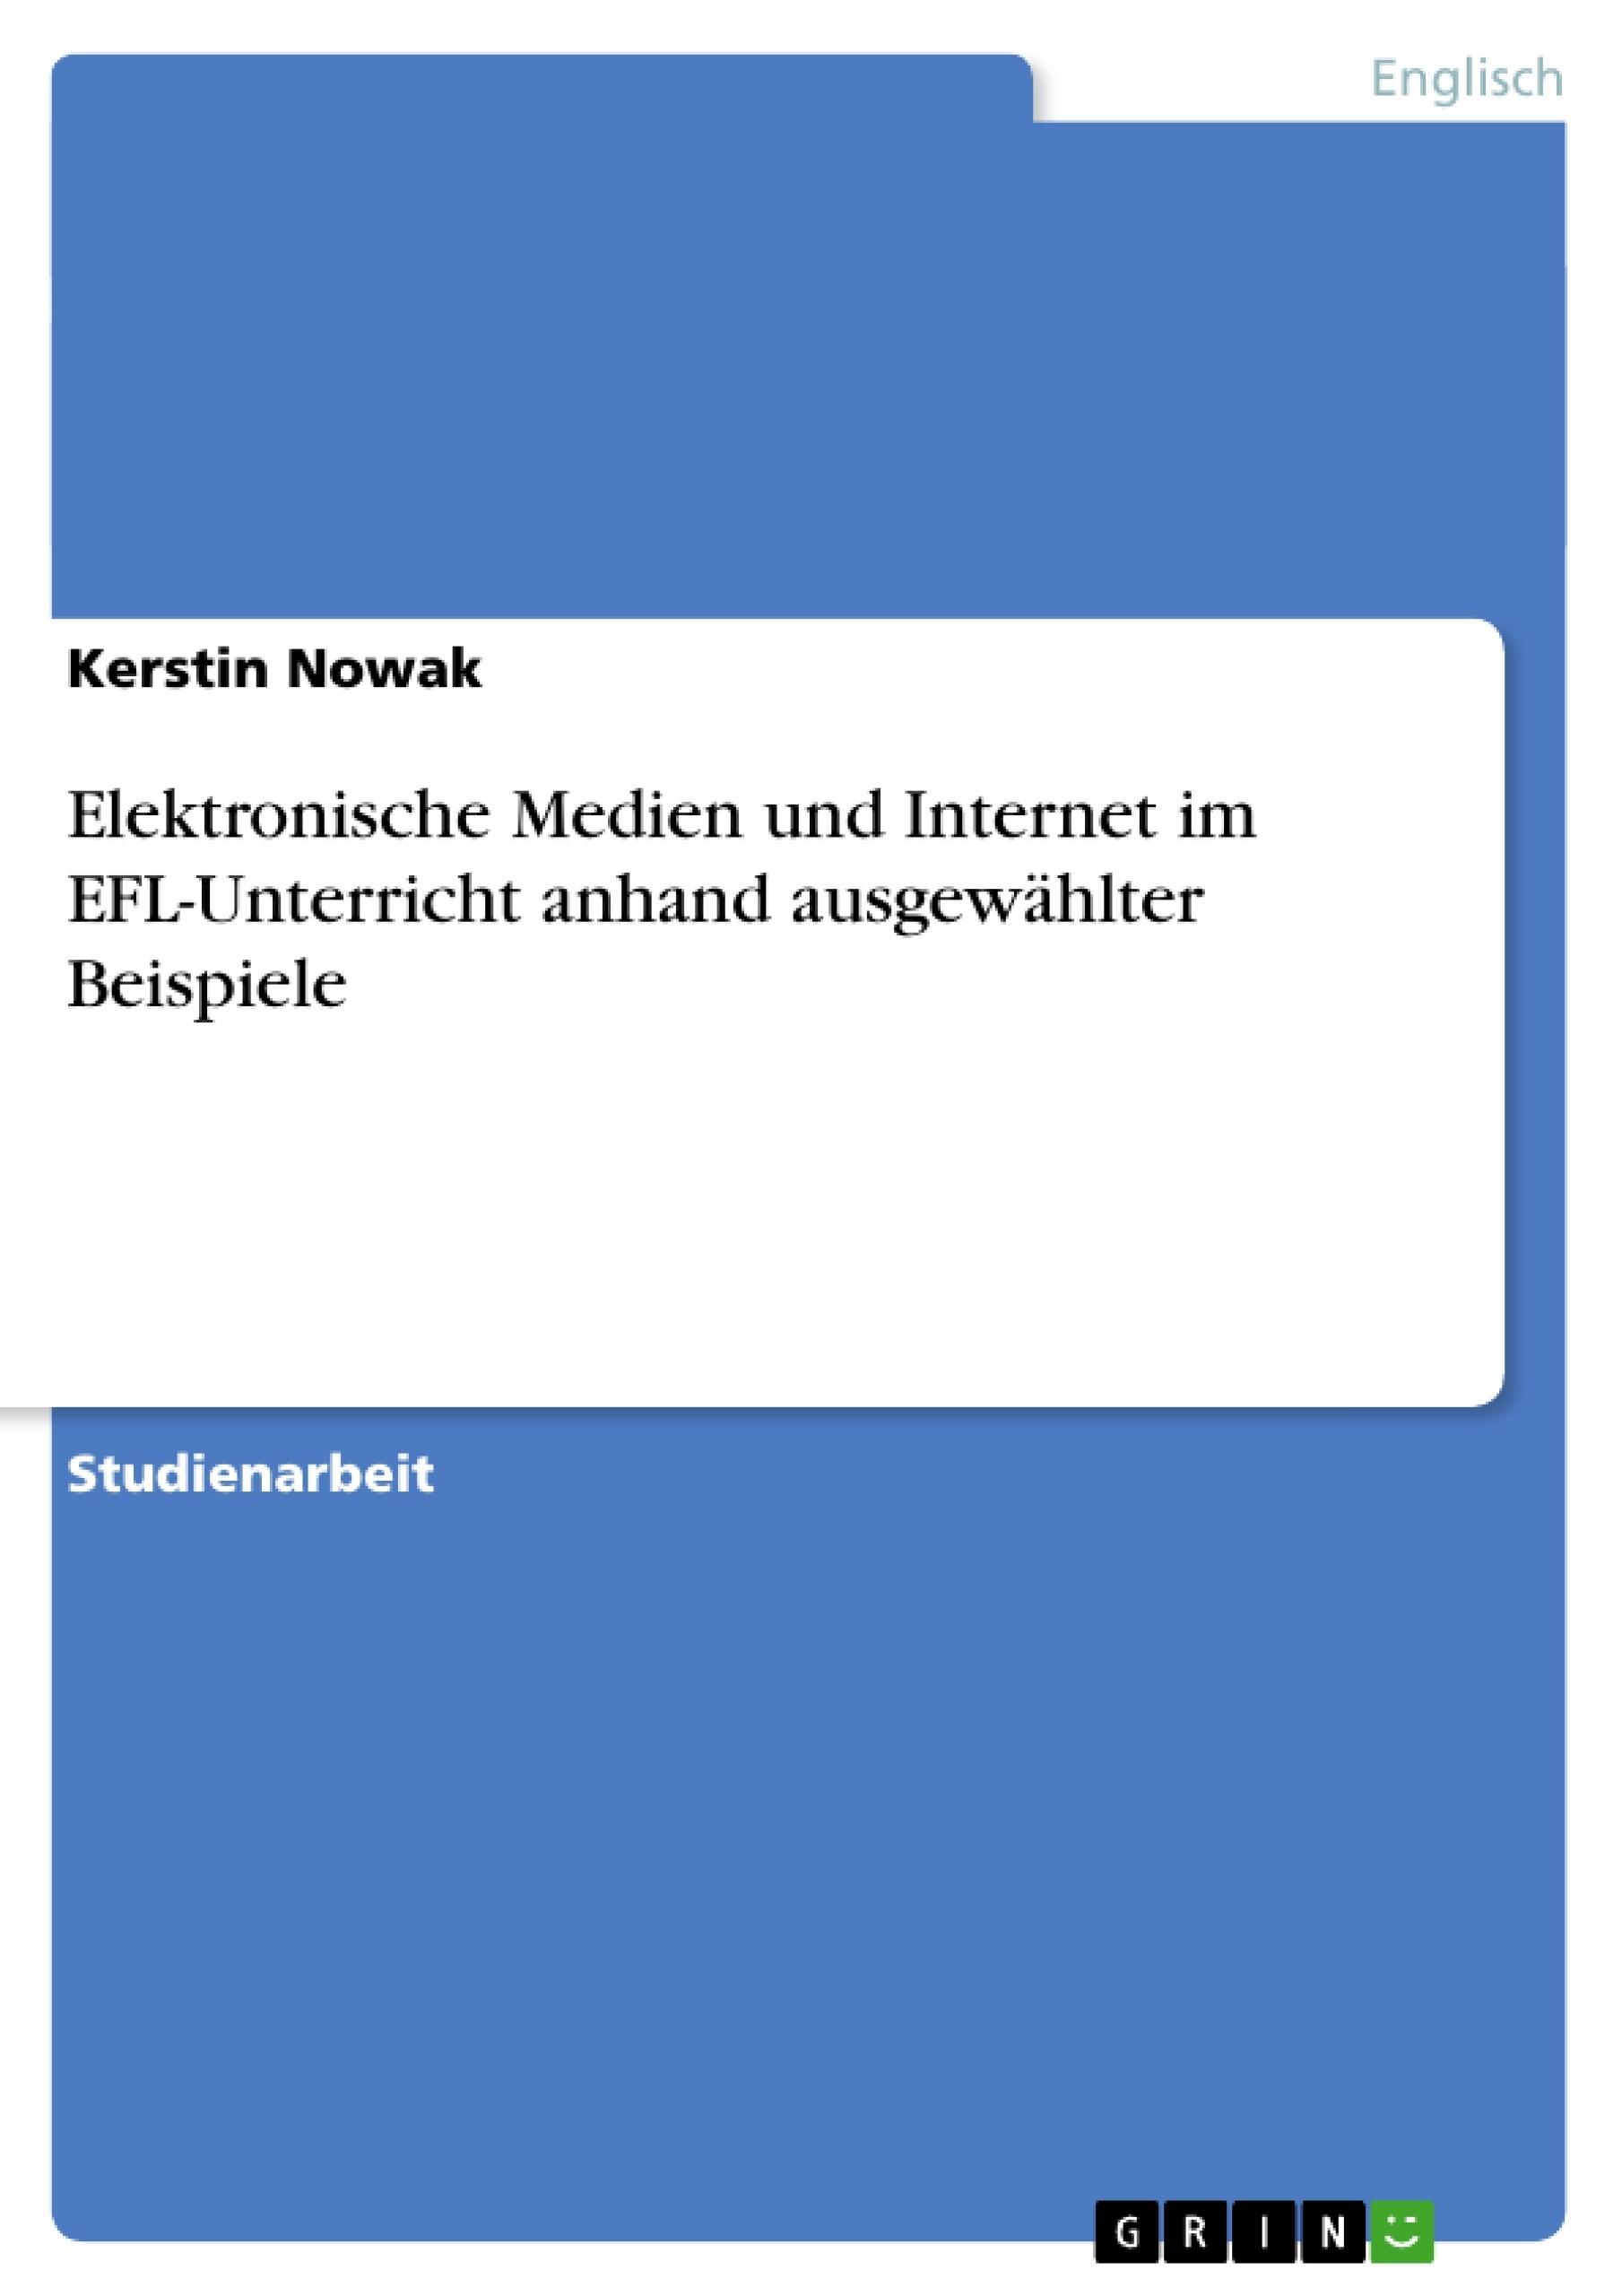 Titel: Elektronische Medien und Internet im EFL-Unterricht anhand ausgewählter Beispiele